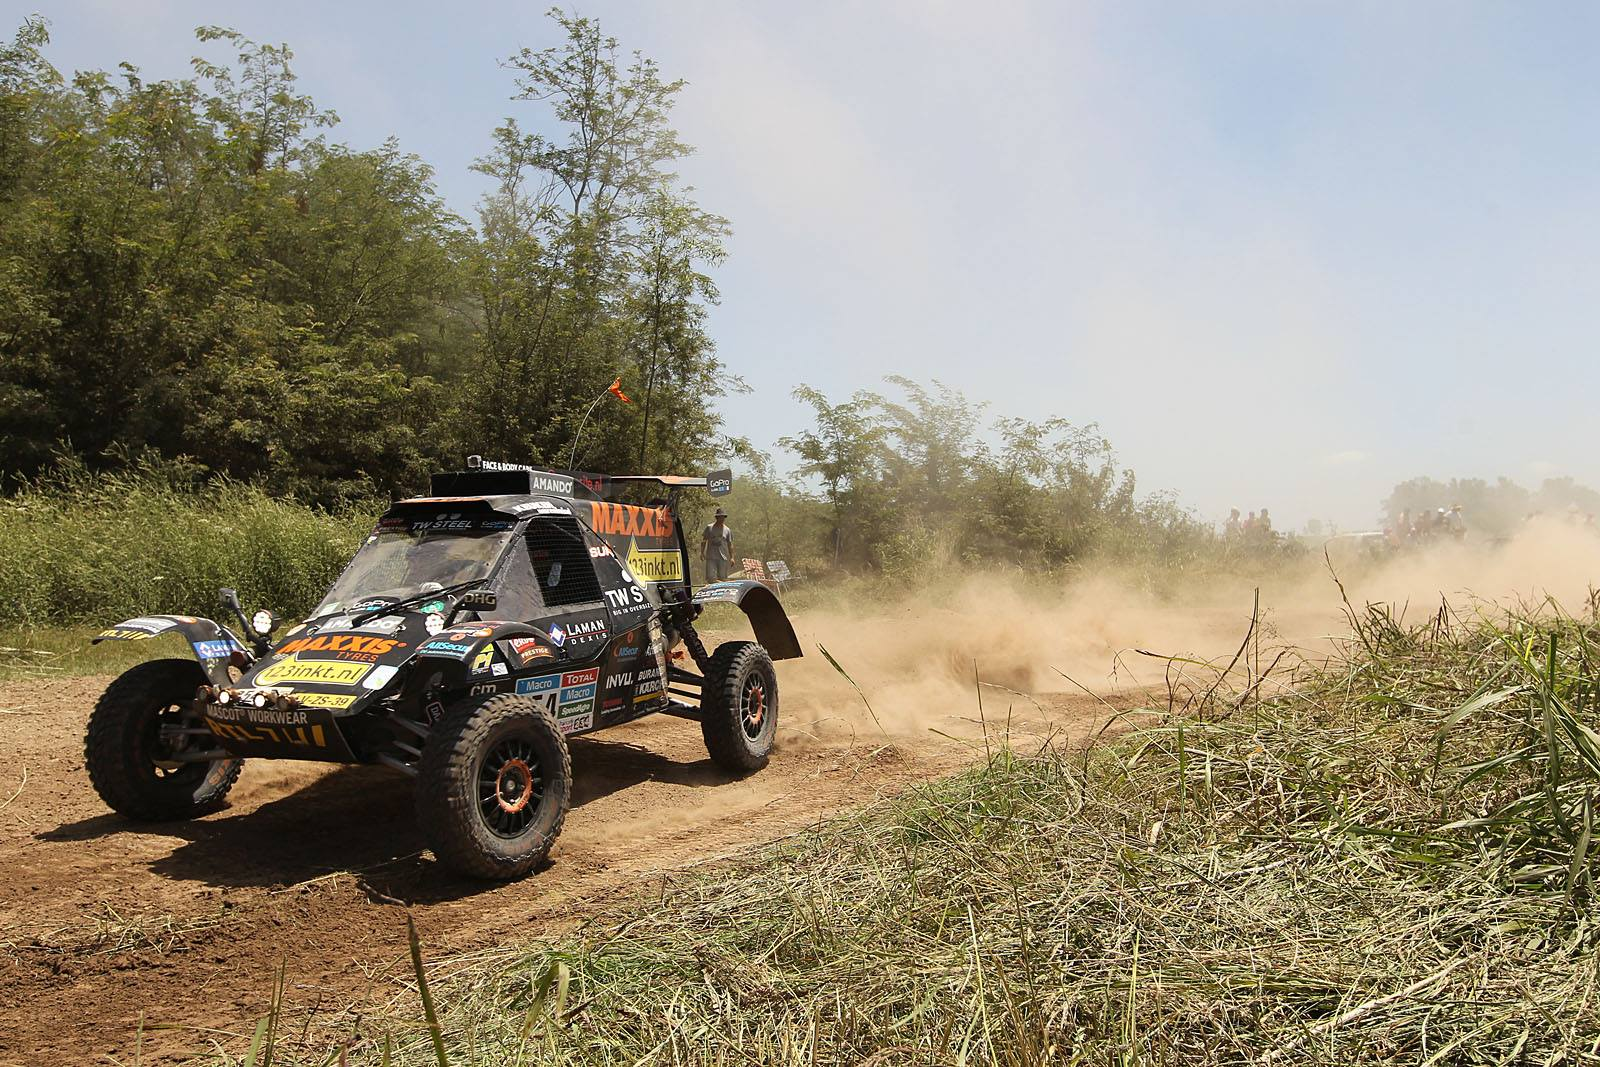 Tim en Tom Coronel in de Dakar rally